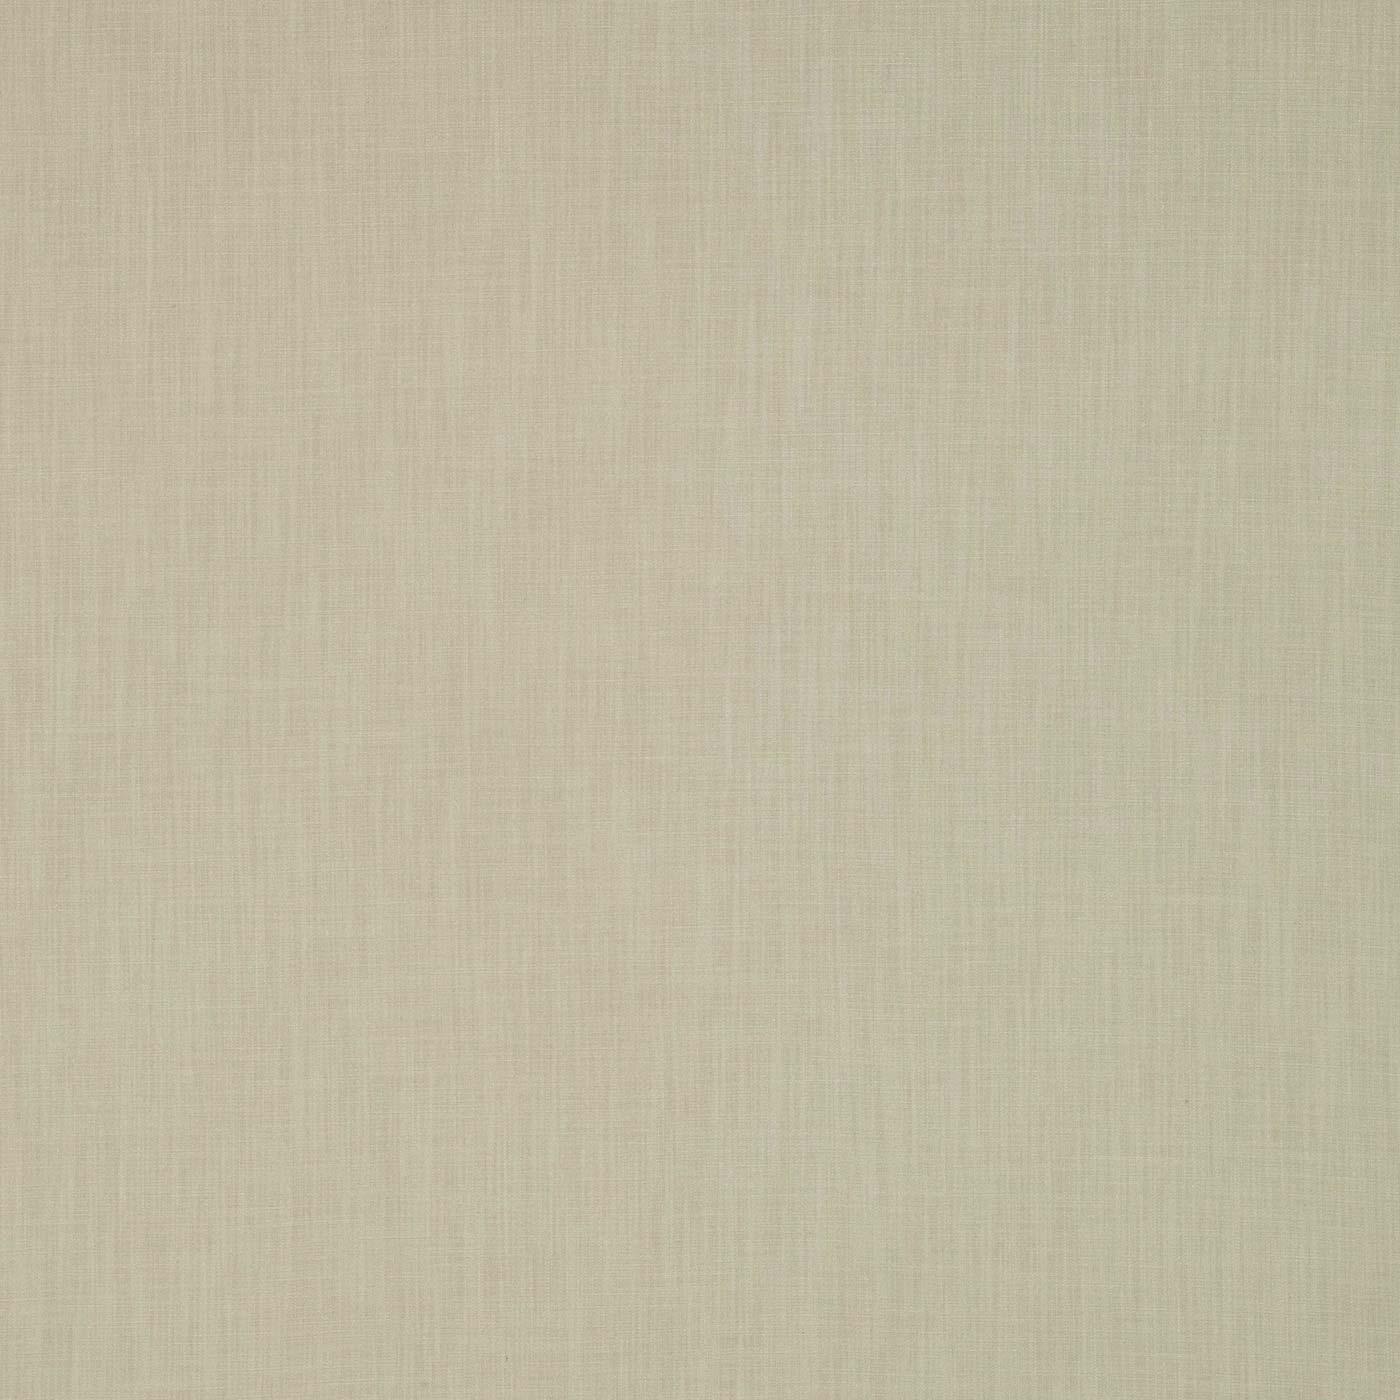 Hartely Sand - Sample - VOHA39